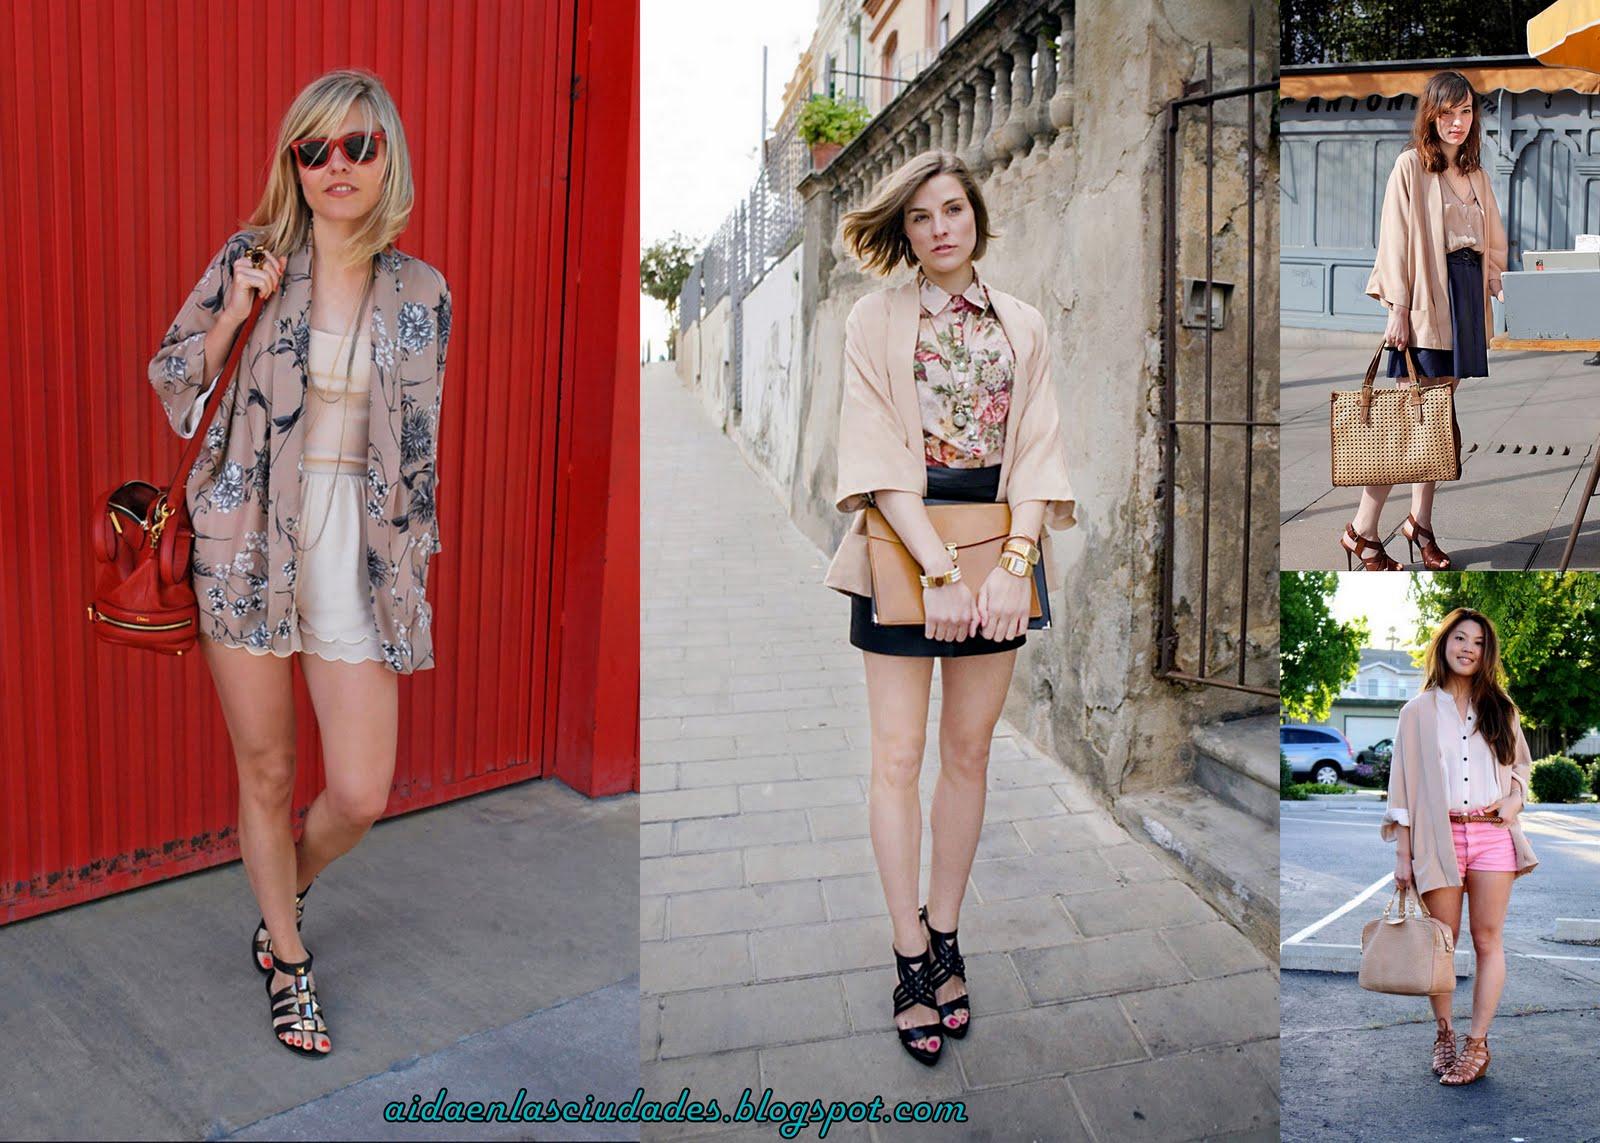 http://3.bp.blogspot.com/-HUGZQ0Vp7hE/Te5tsseMNBI/AAAAAAAAAS4/cJSNkhdT89o/s1600/KIMONO.jpg